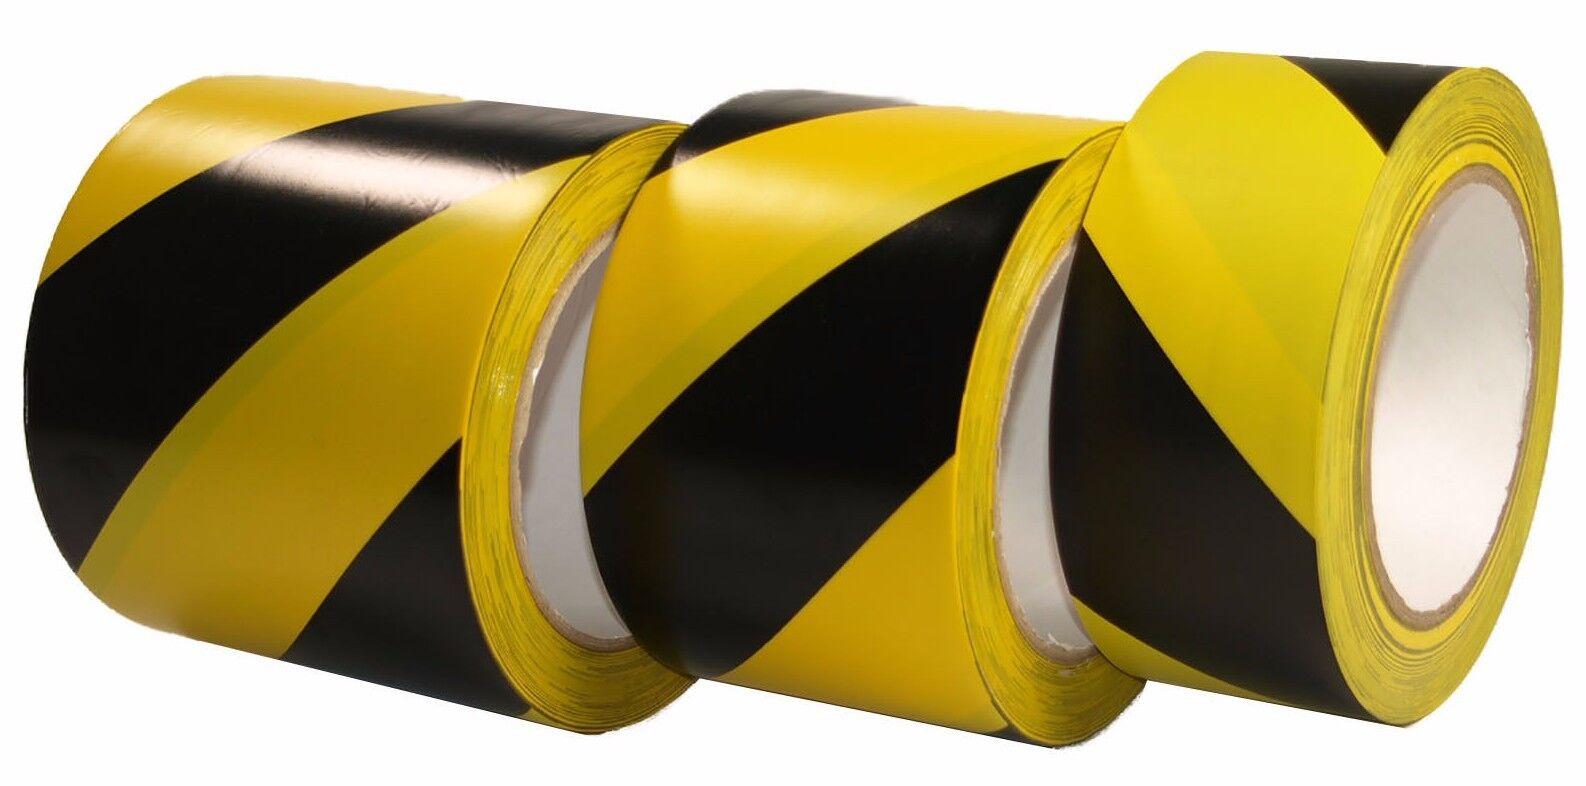 pvc bodenmarkierungsband markierungsband gelb schwarz 33m warnband klebeband ebay. Black Bedroom Furniture Sets. Home Design Ideas